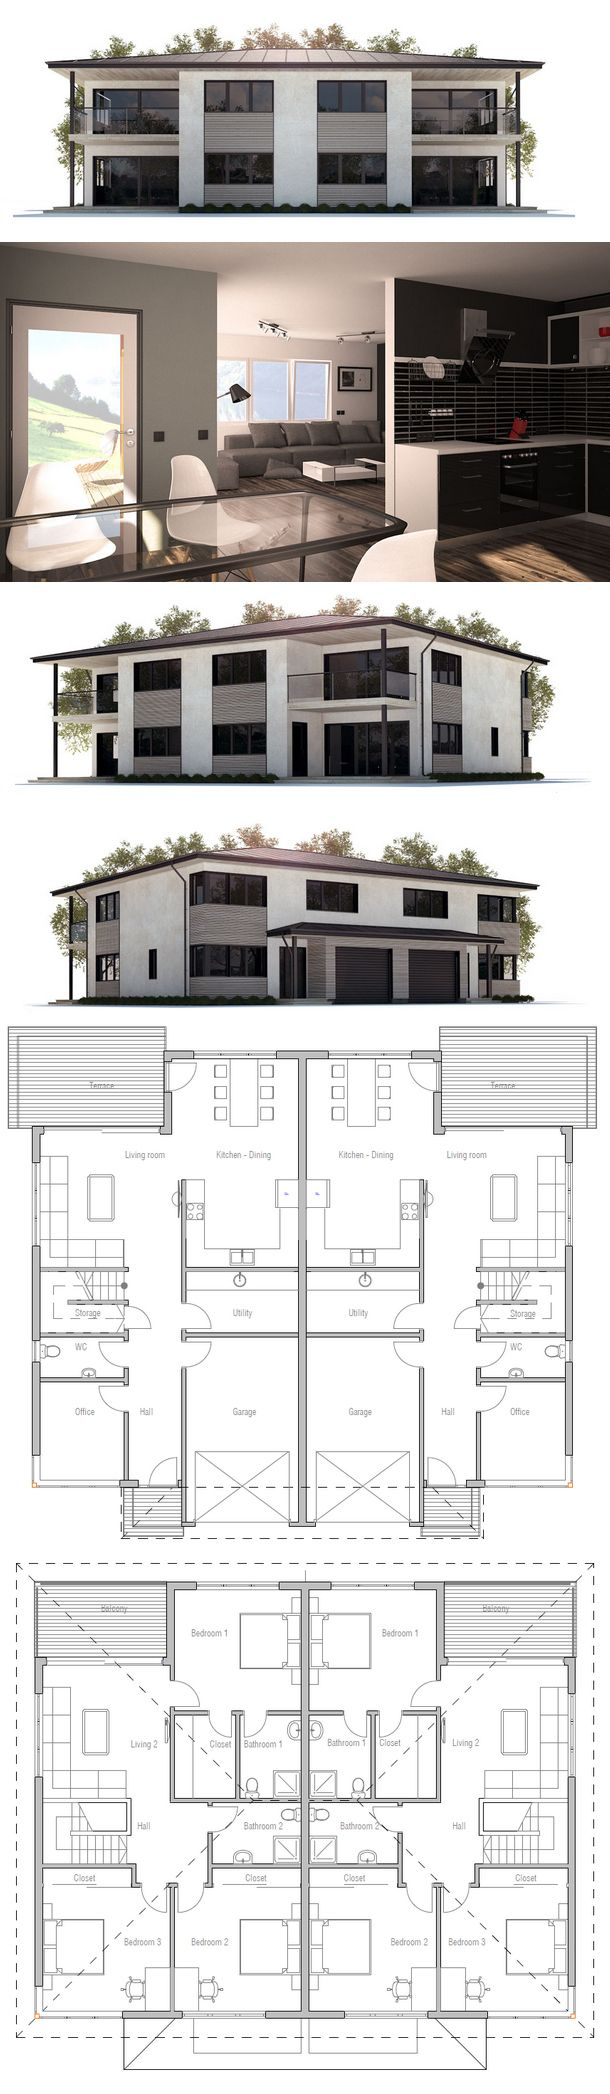 ^ 1000+ ideas about Duplex House Plans on Pinterest Duplex house ...